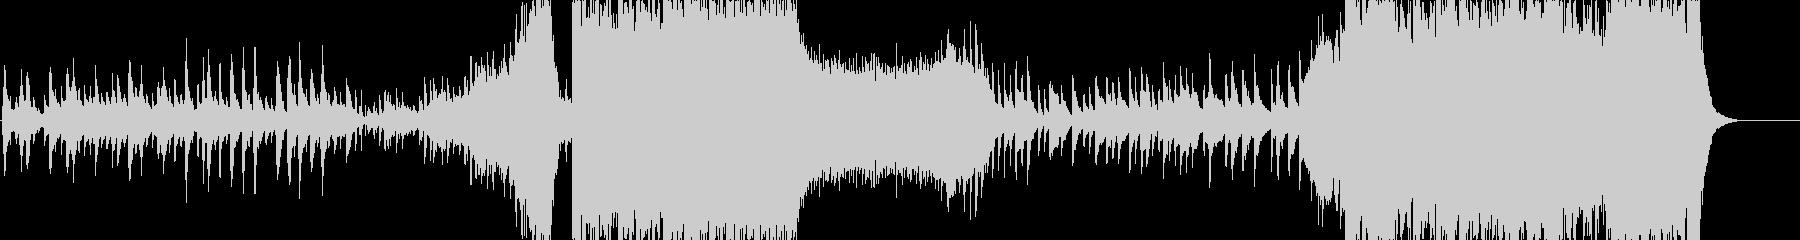 【風色礼賛】和風/オーケストラ/壮大/琴の未再生の波形